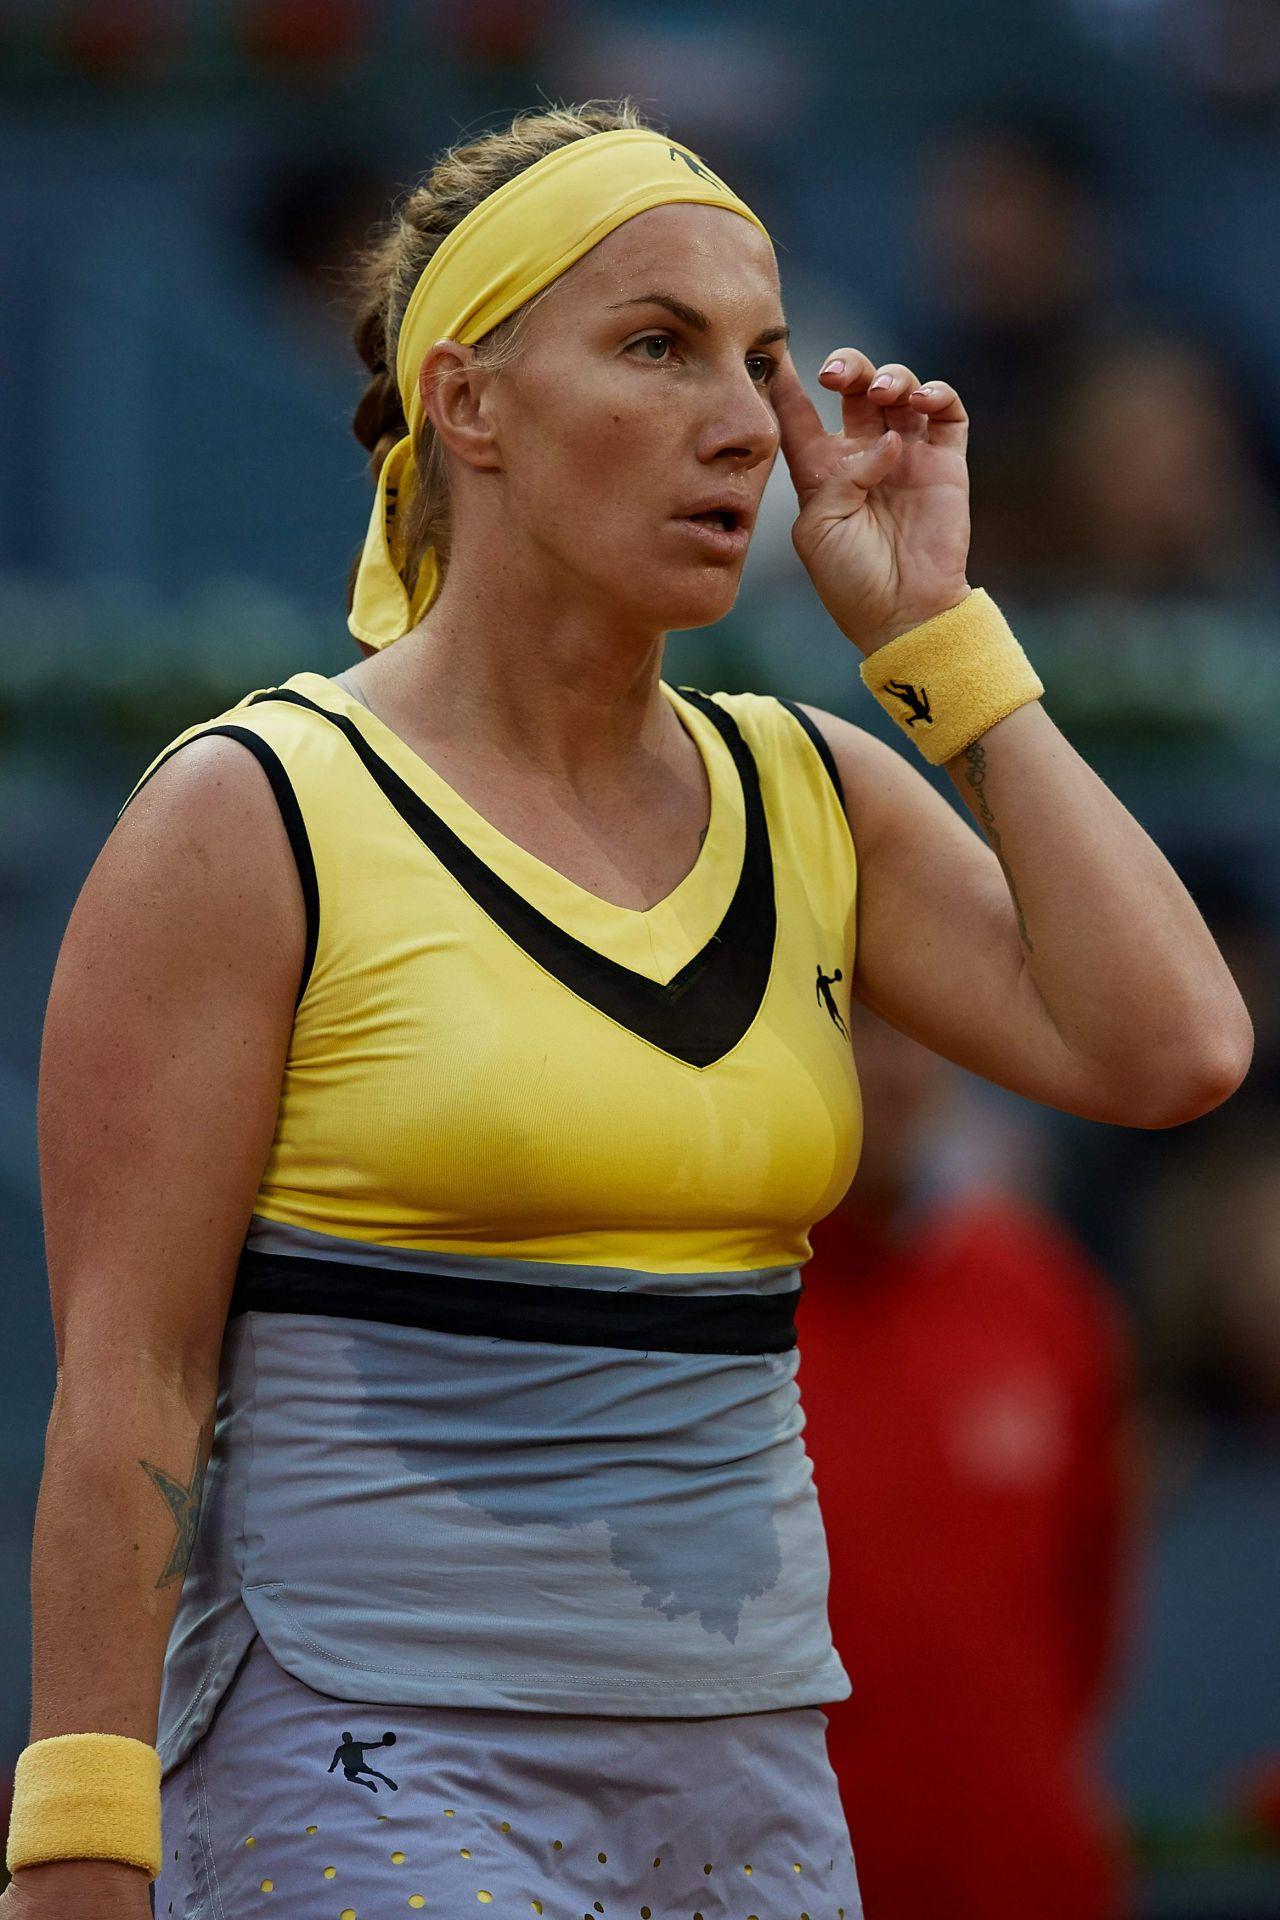 Kuznetsova – Mutua Madrid Open Tennis May 2017